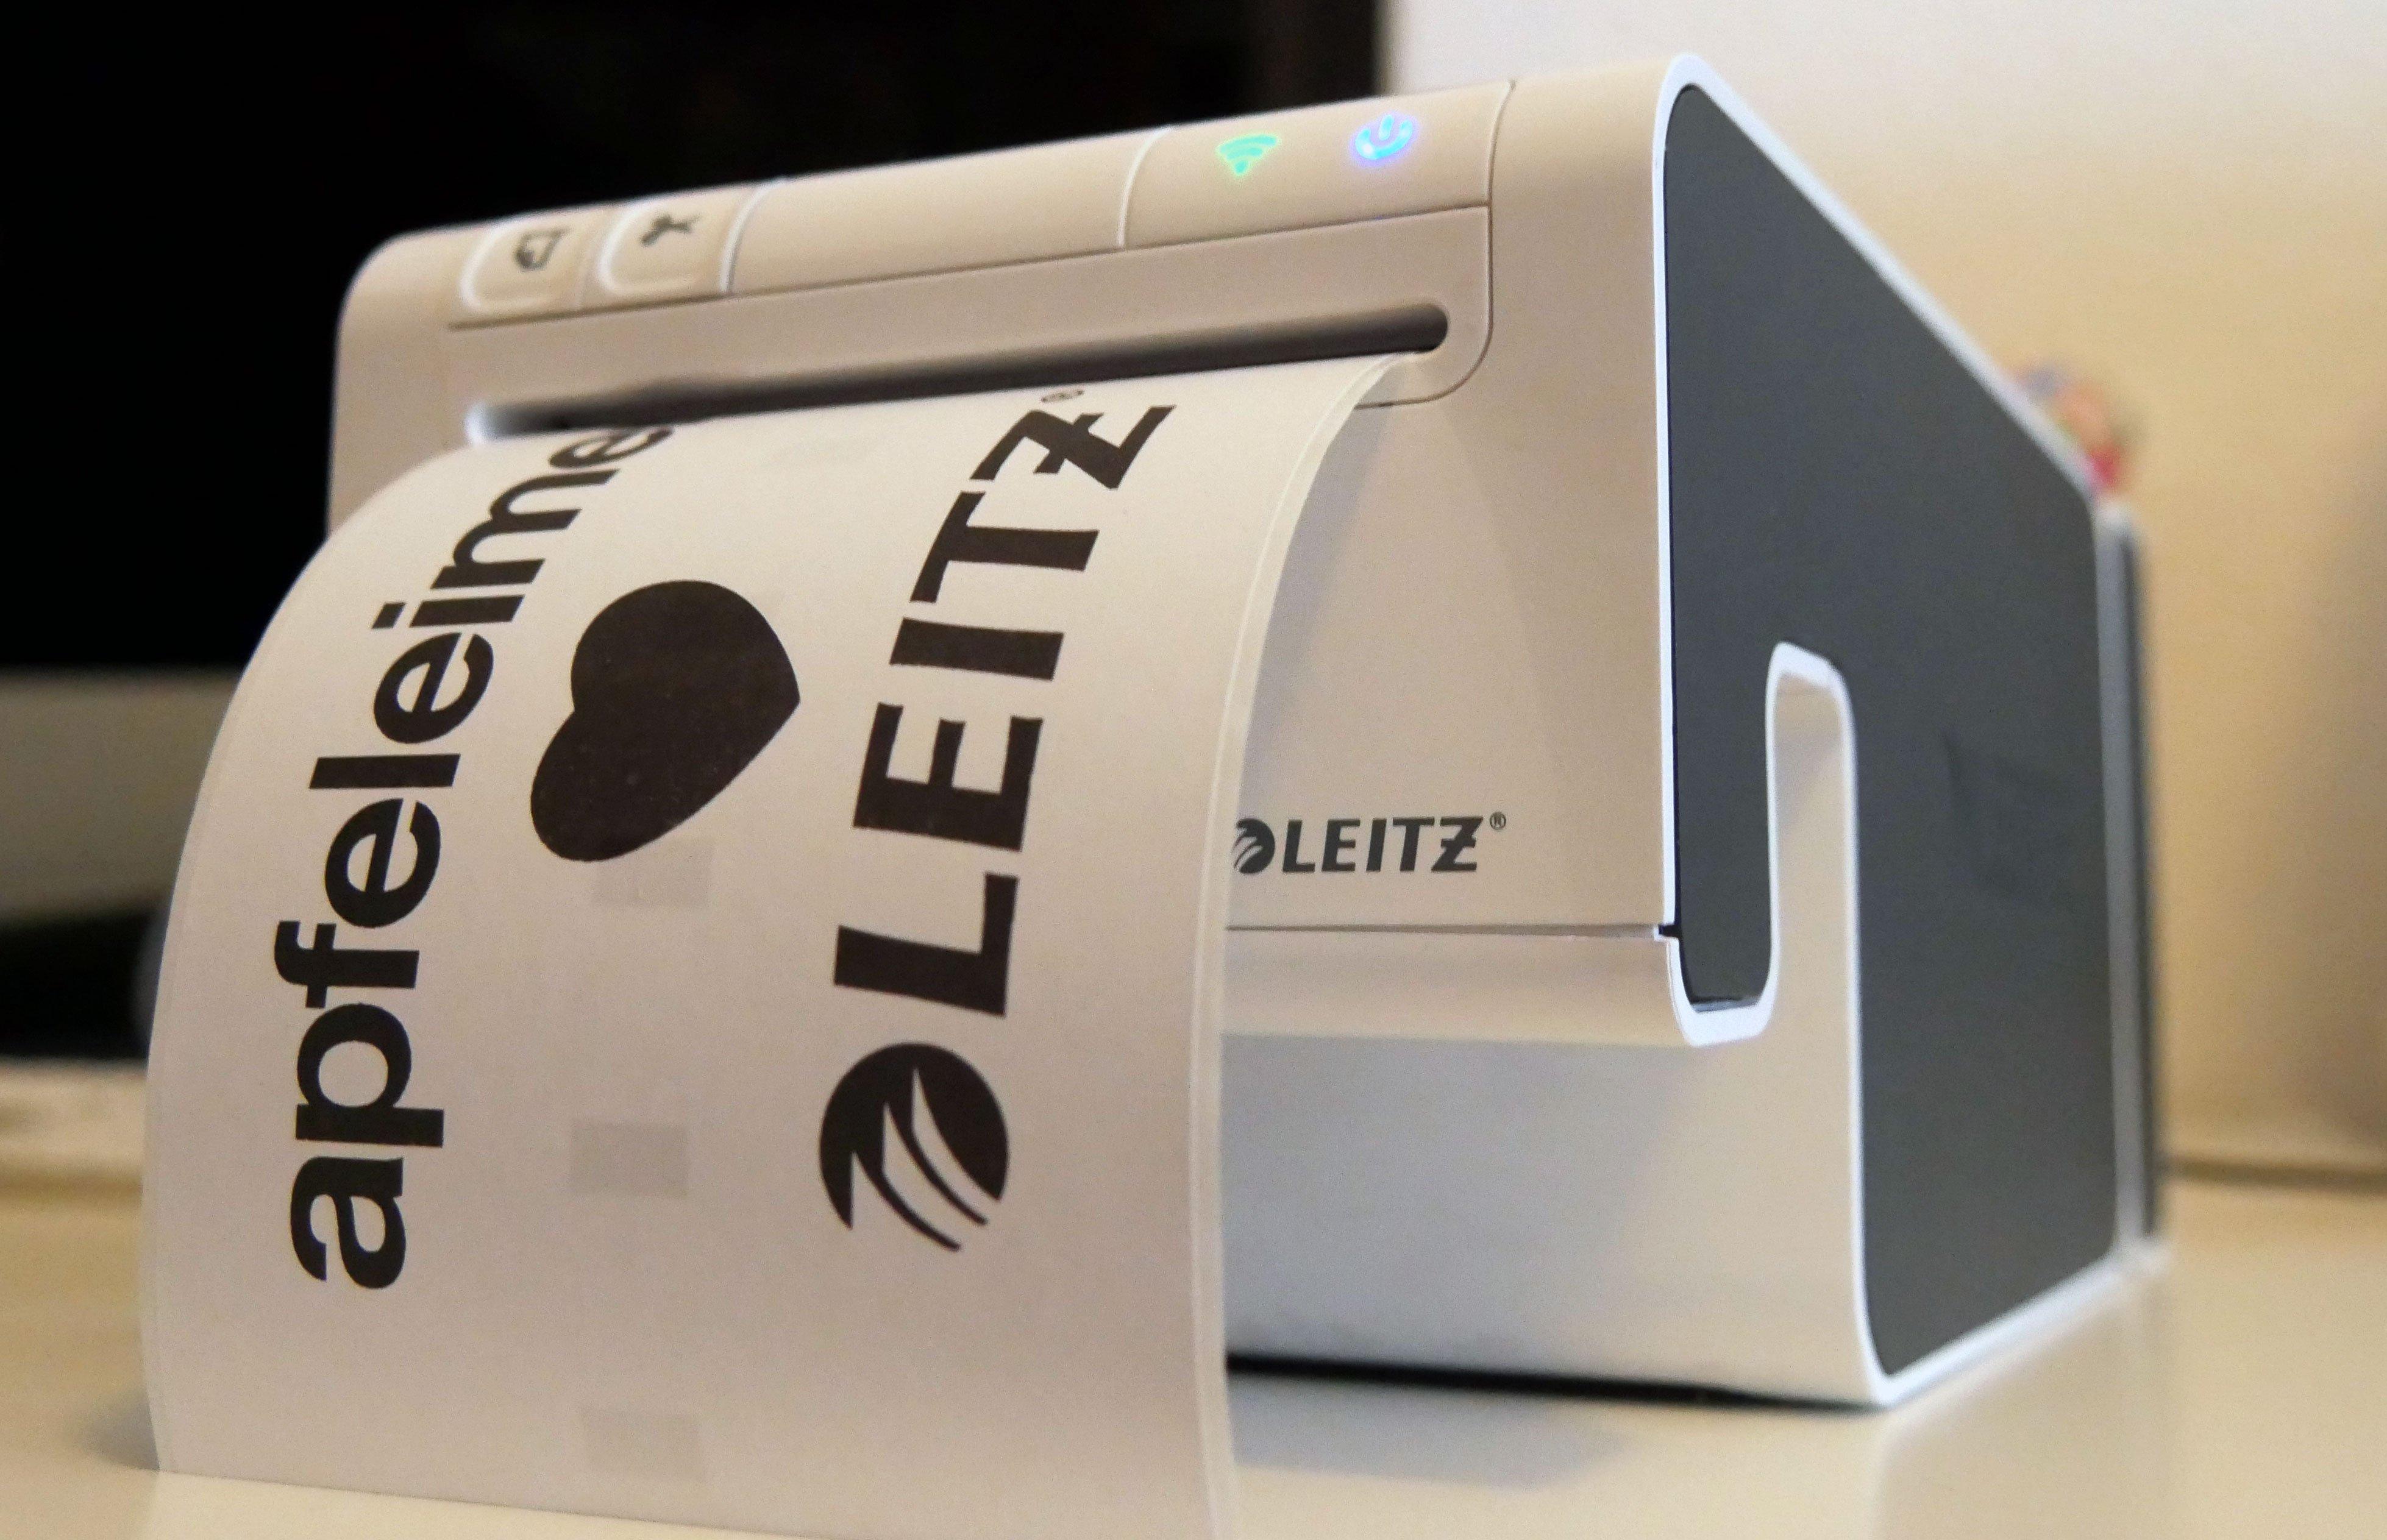 Etikettendrucker Test: Leitz Icon überzeugt 5